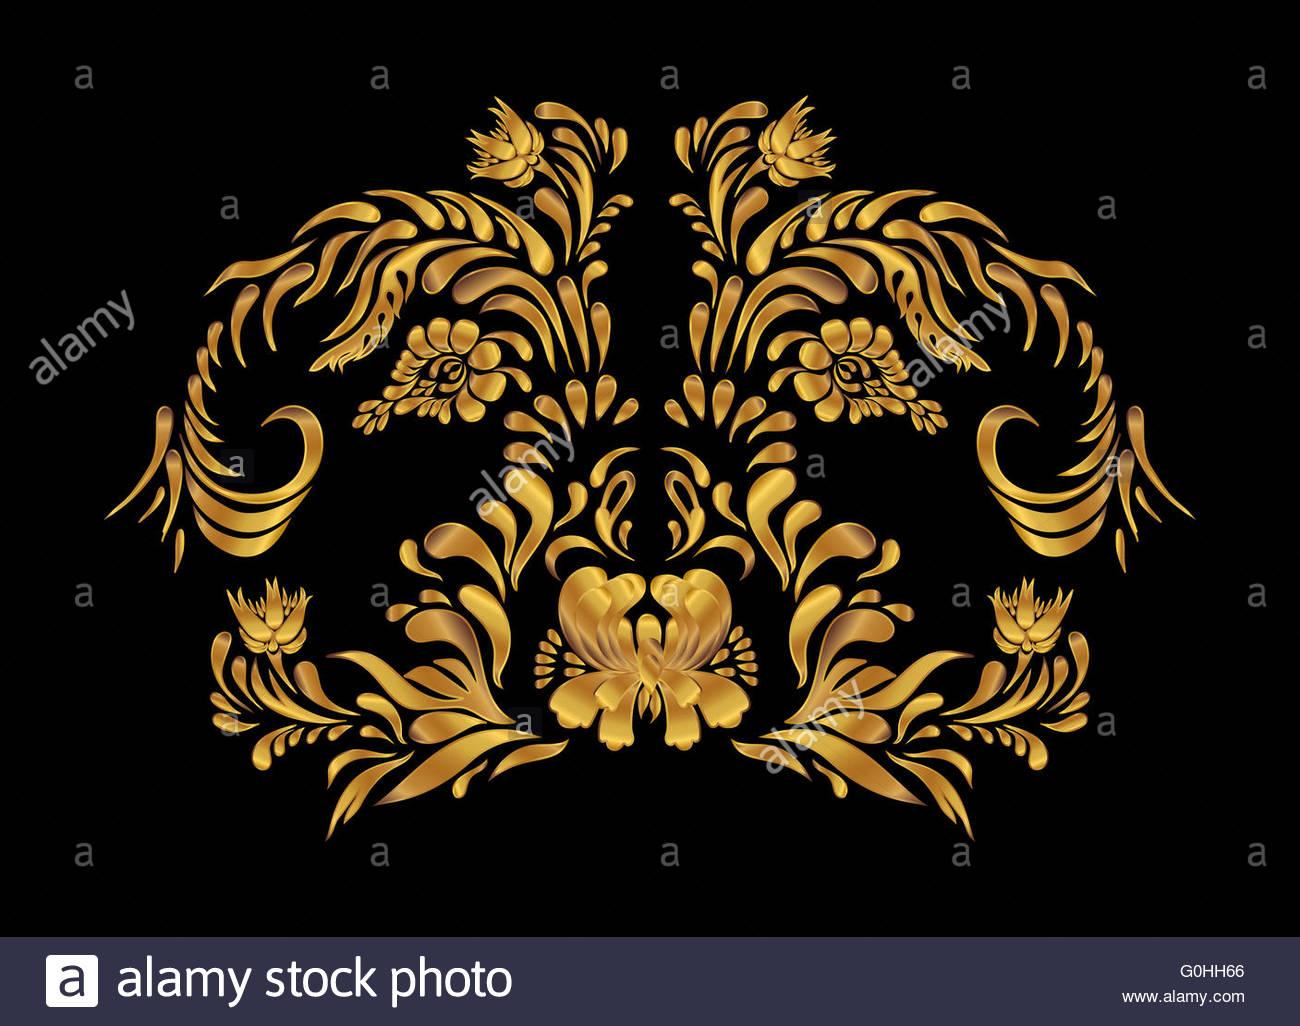 Golden Floral Design On Black Background Gold Flowers